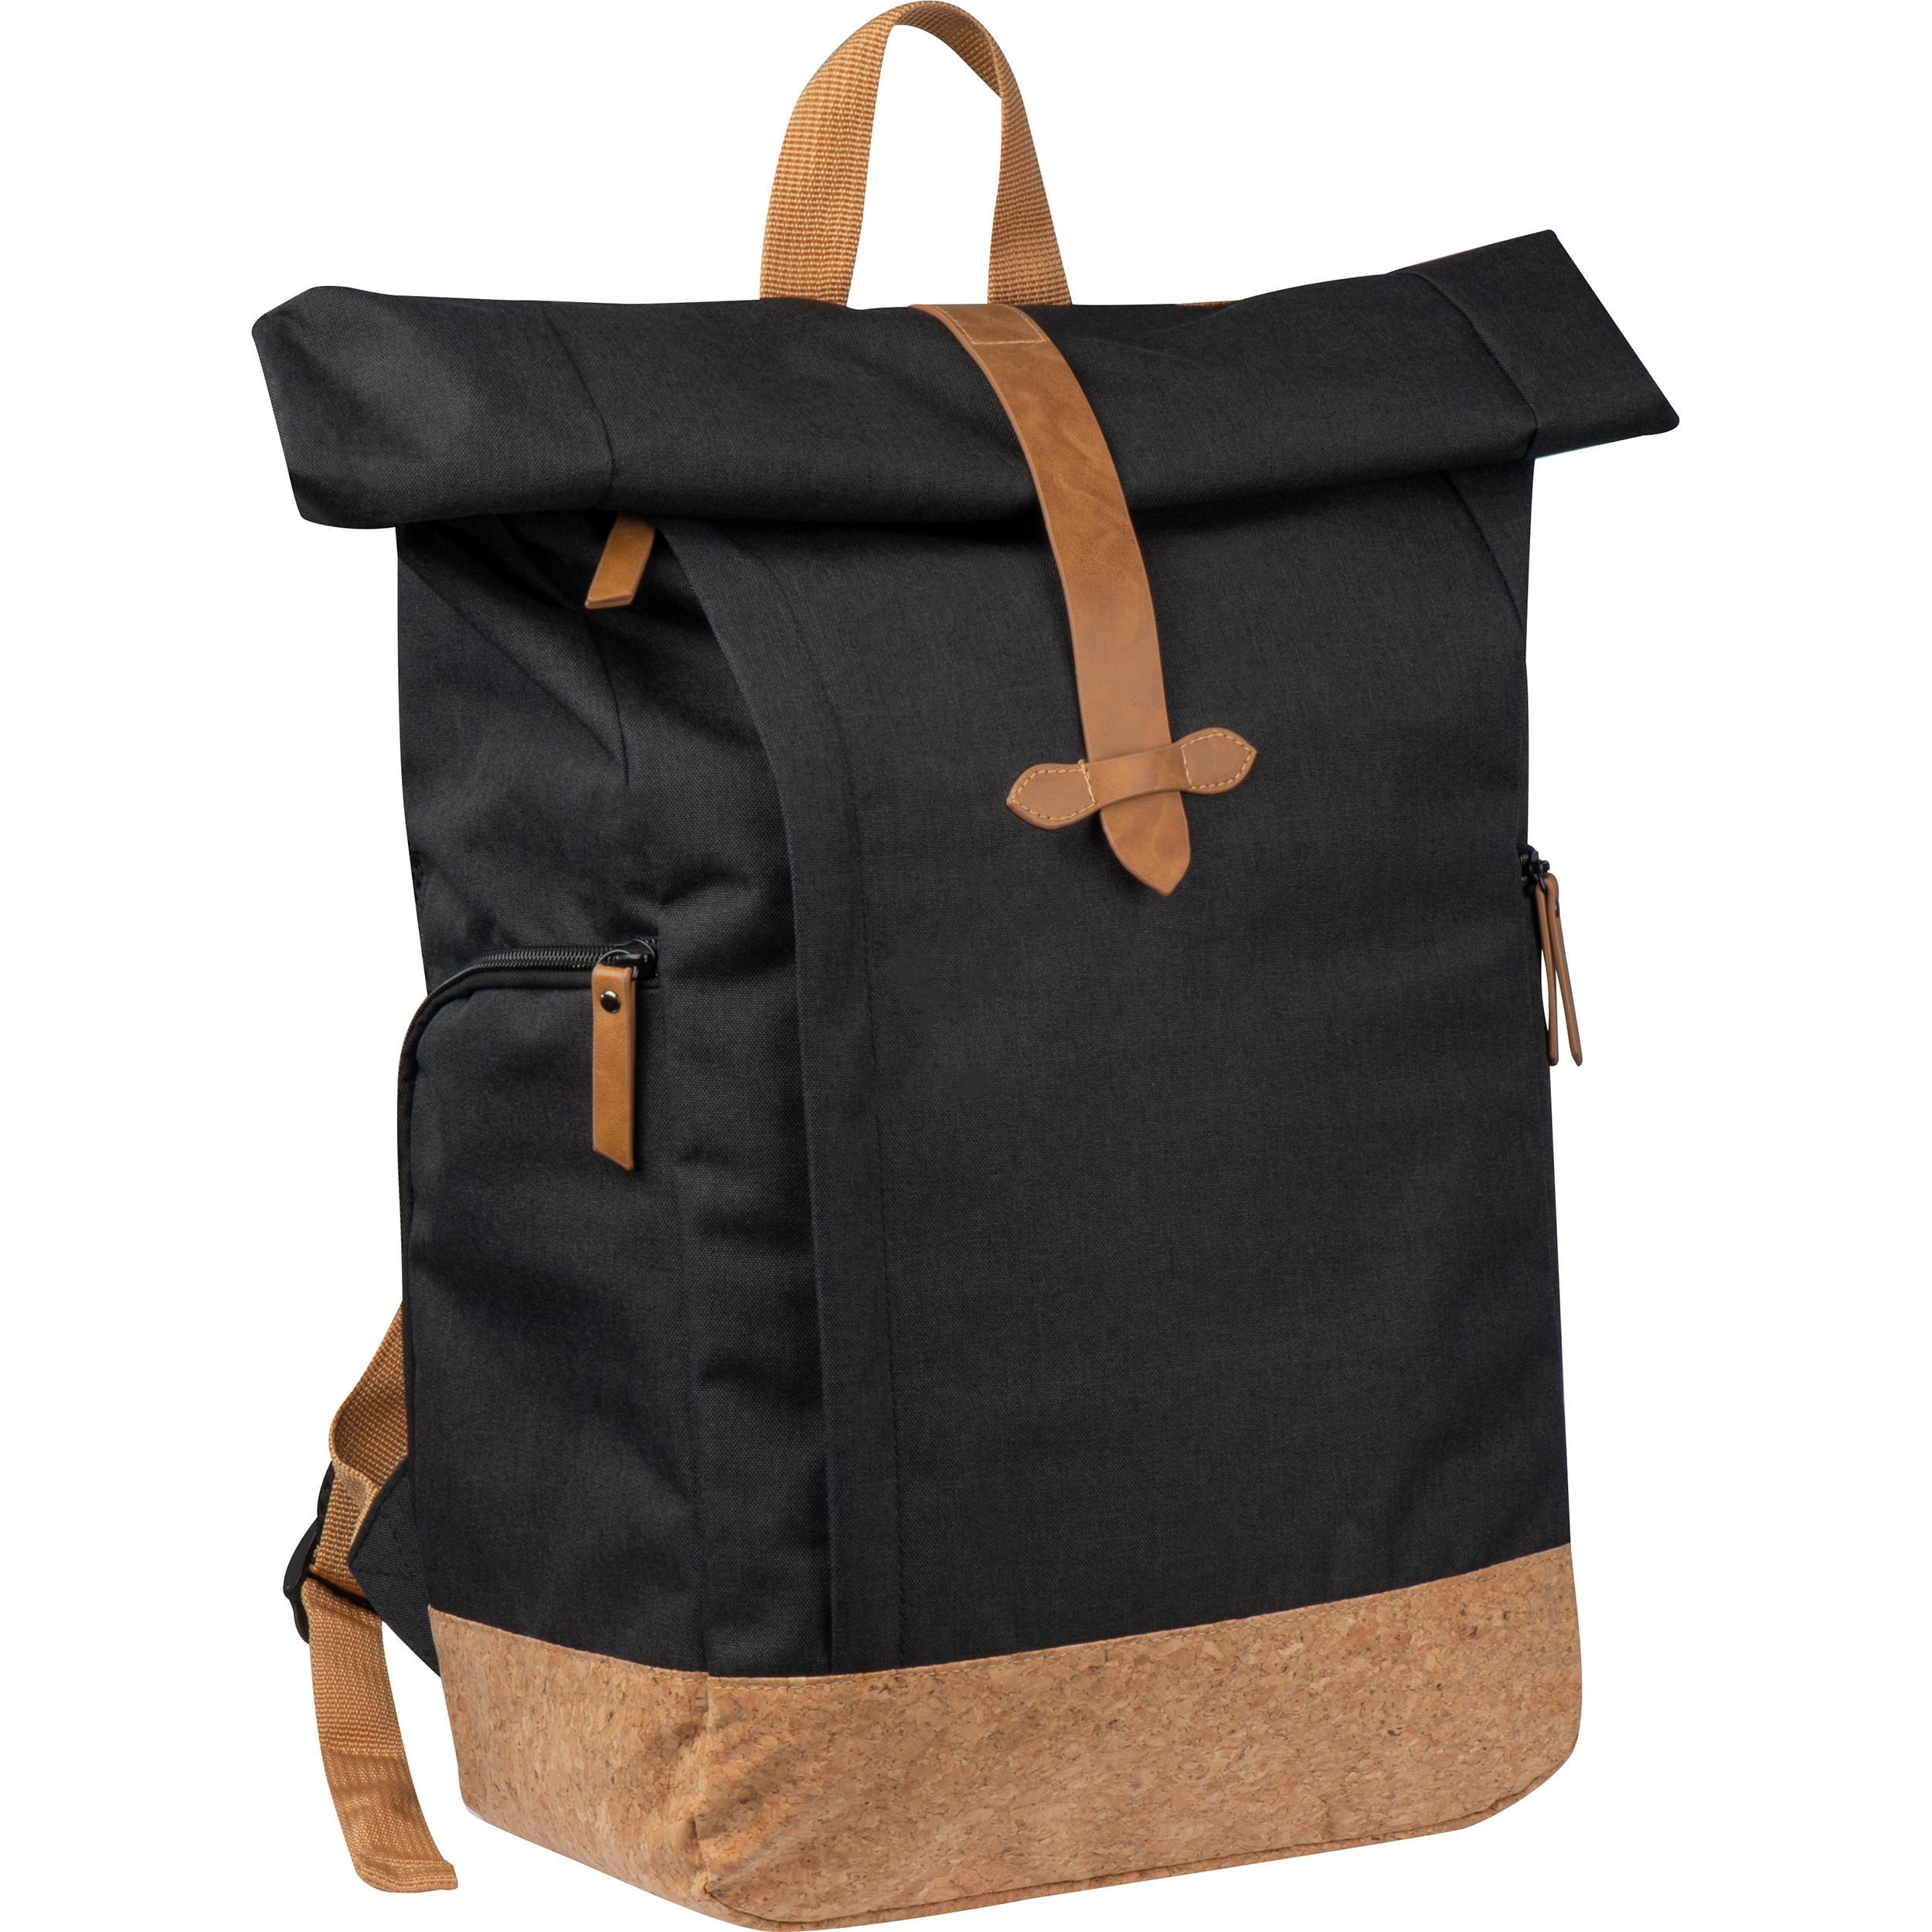 RPET Rucksack aus 300D Two-tone Polyester, 210D RPET und Korkboden